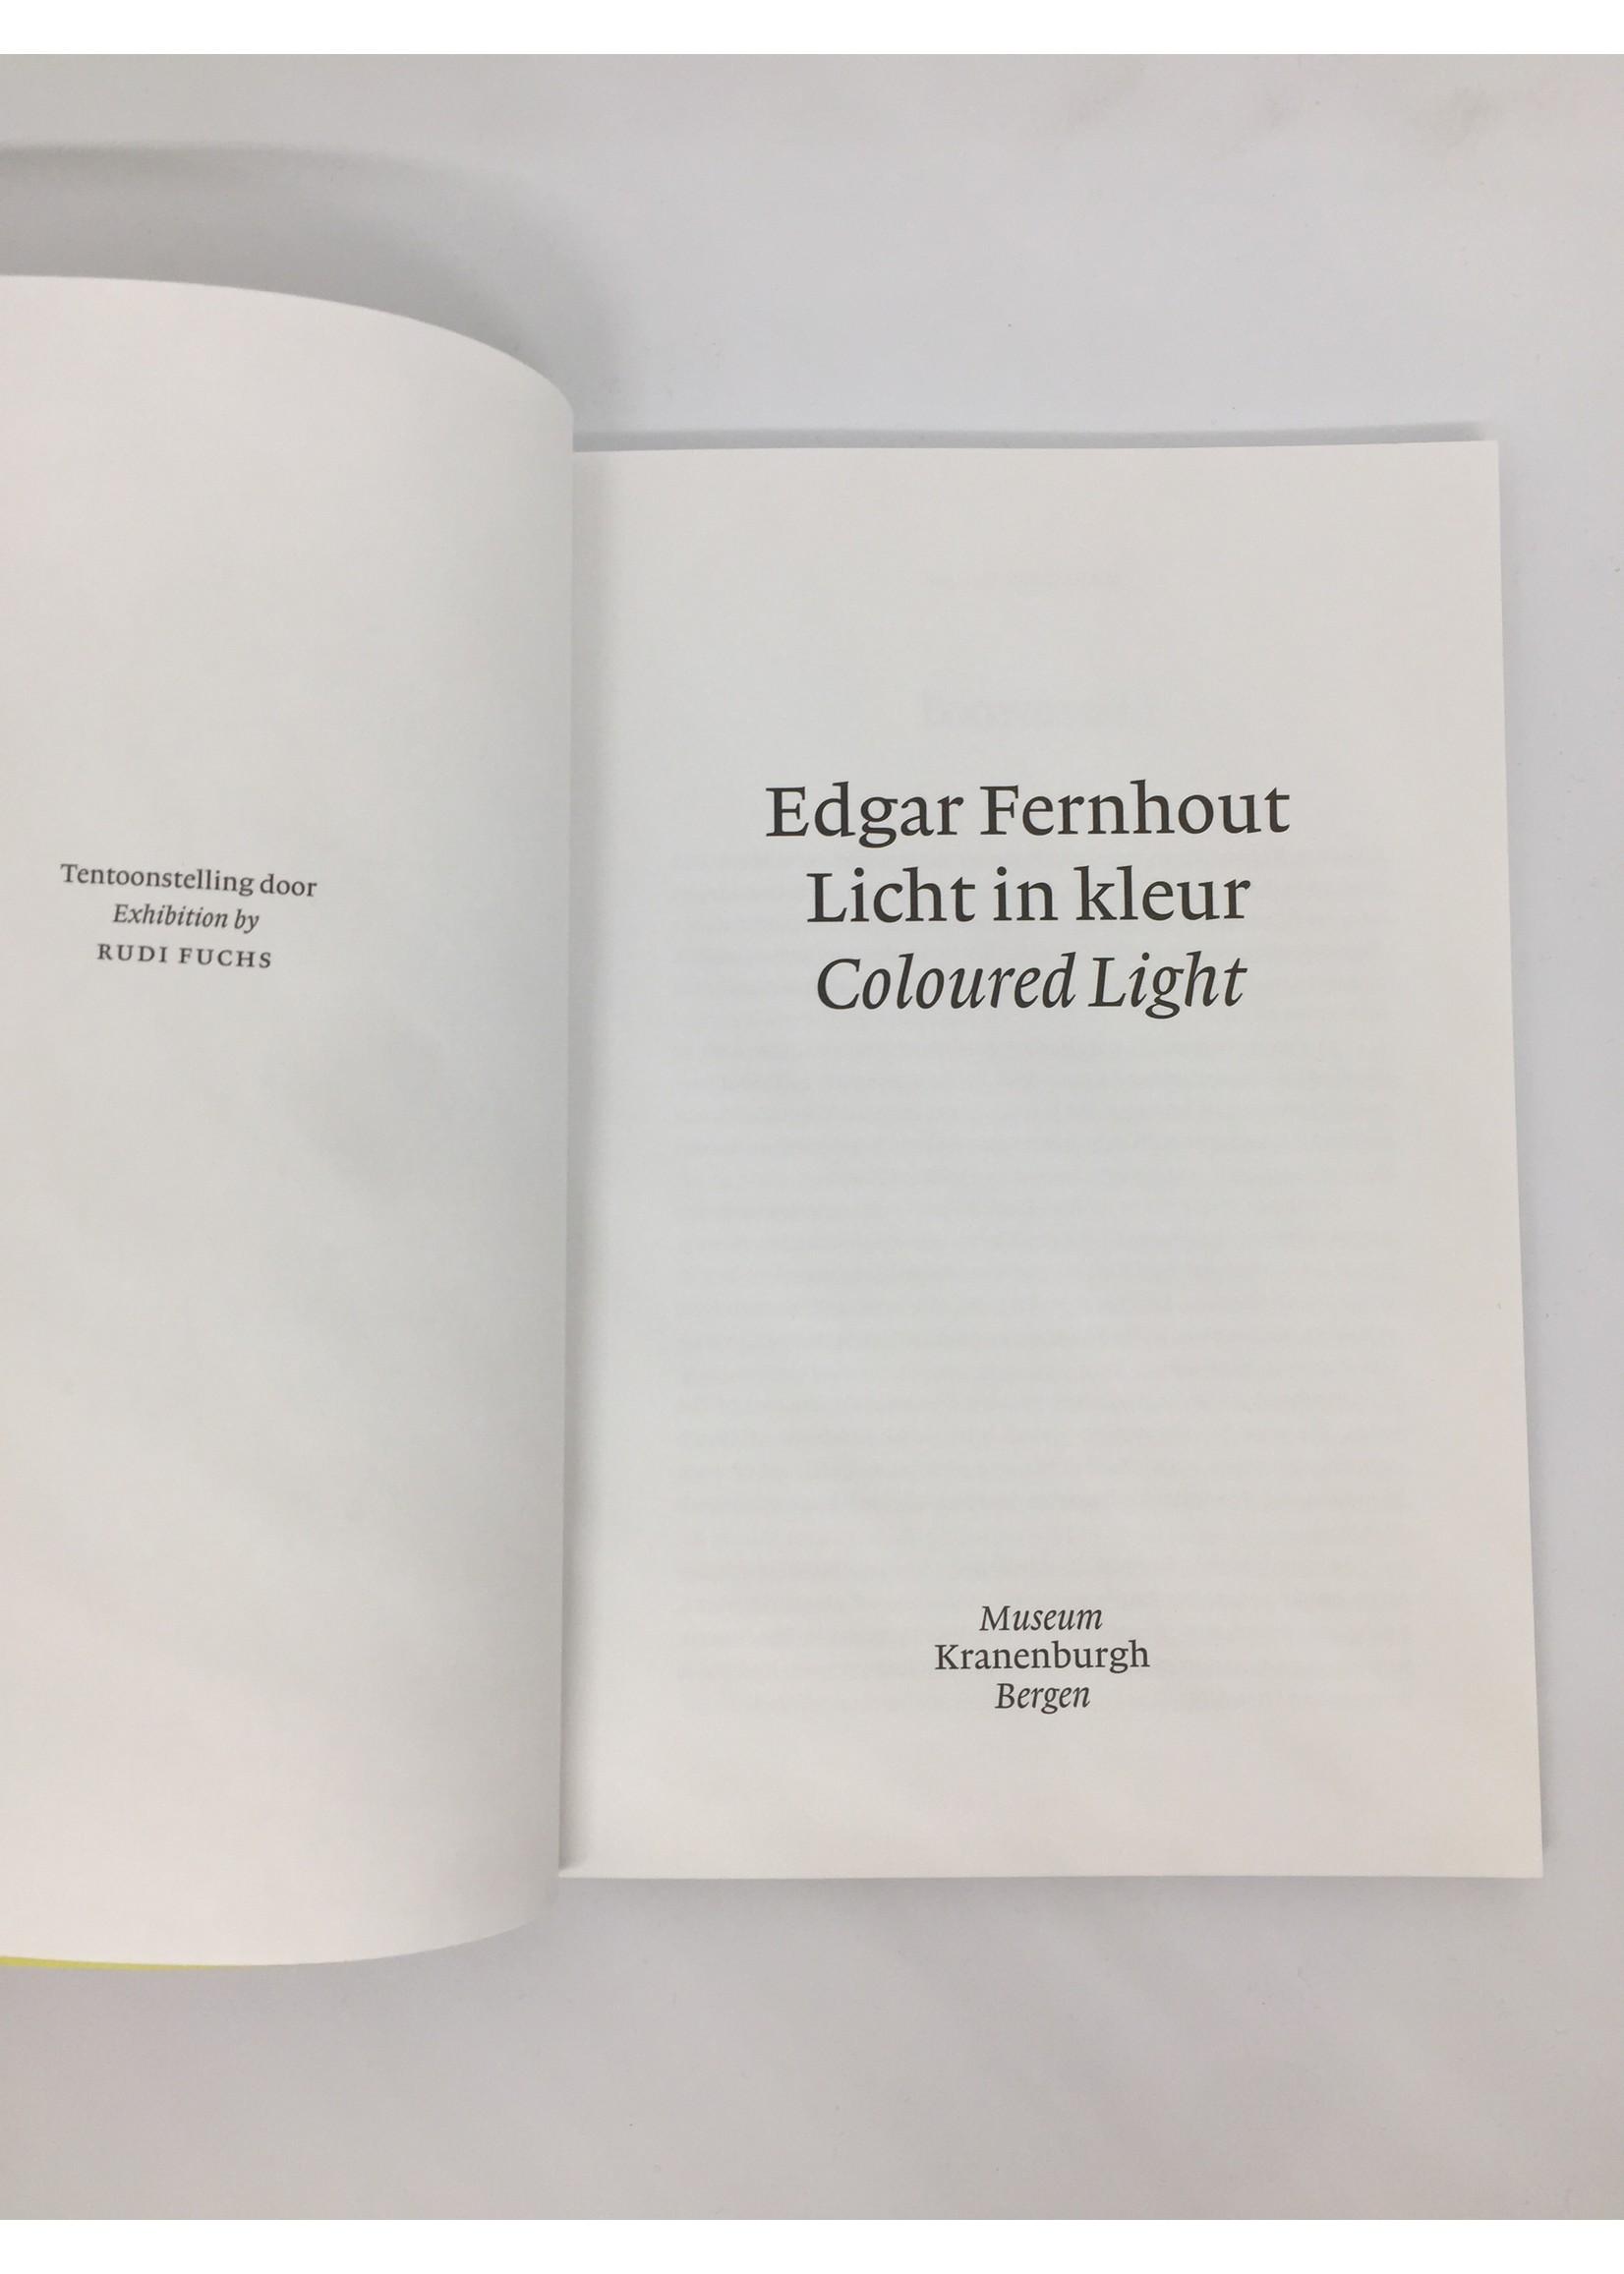 Edgar Fernhout 'Licht in kleur'